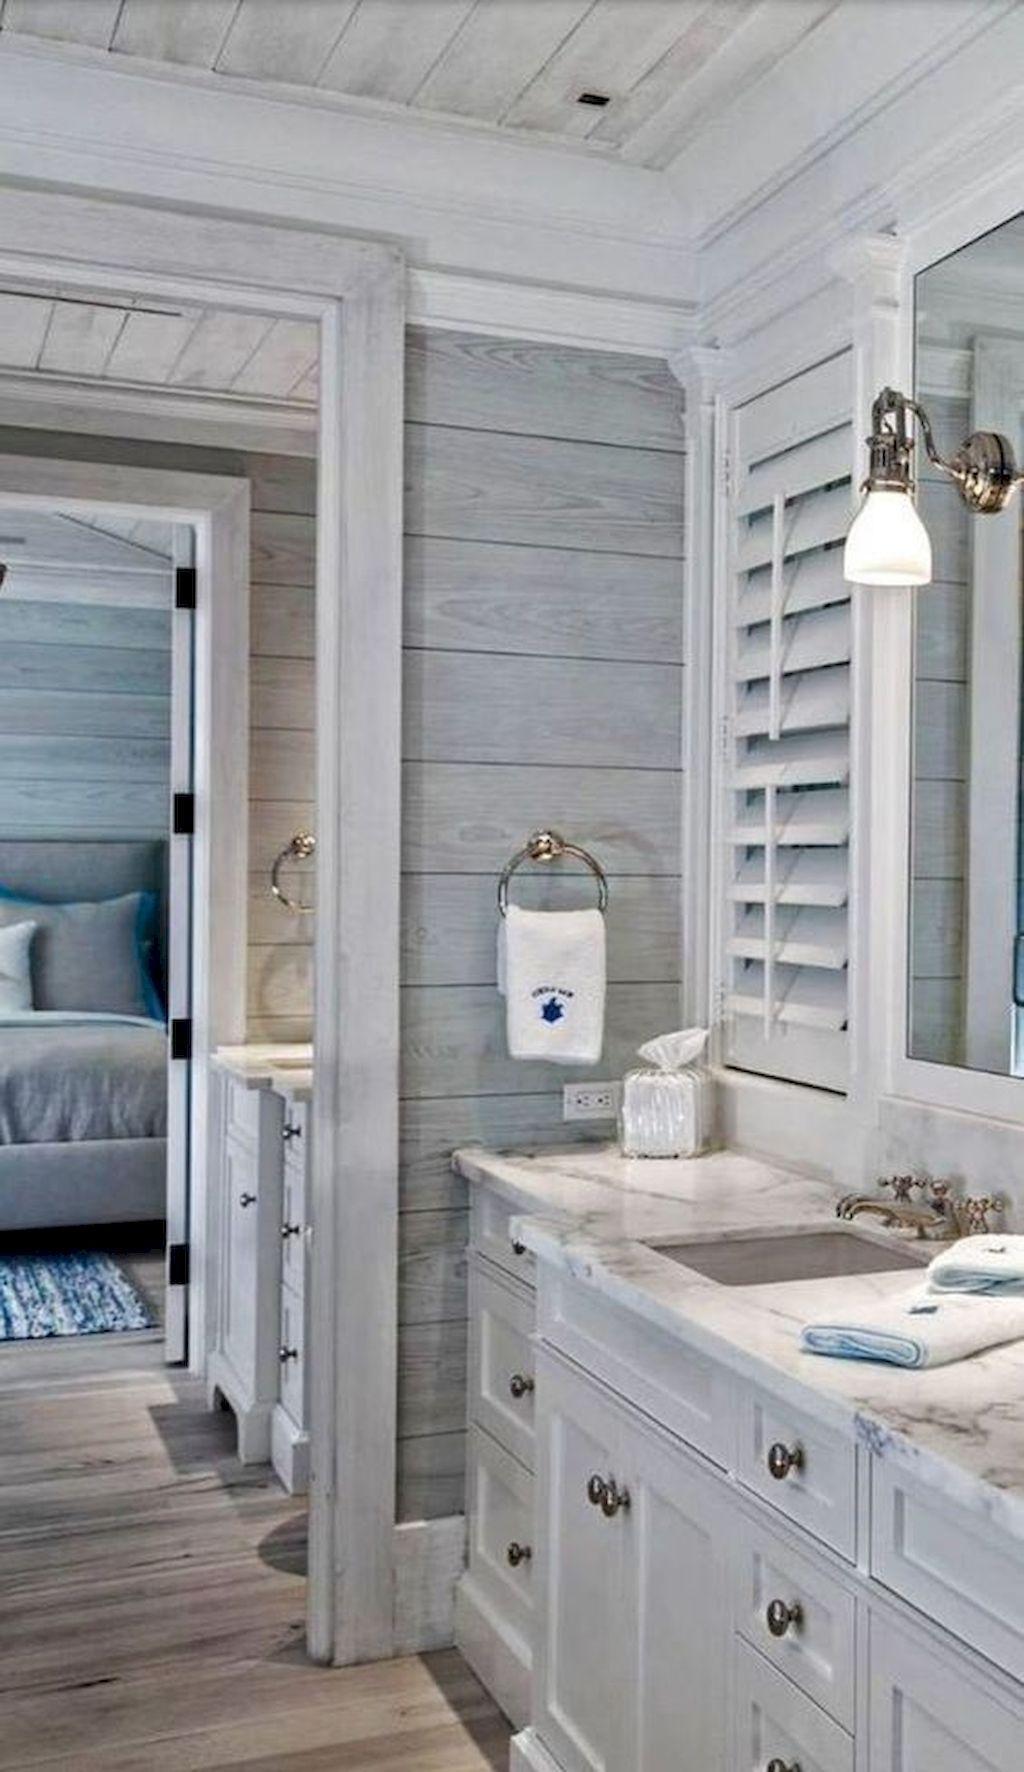 55 Rustic Farmhouse Bathroom Remodel Ideas Farmhouse Bathroom Decor Modern Farmhouse Bathroom Farmhouse Master Bathroom